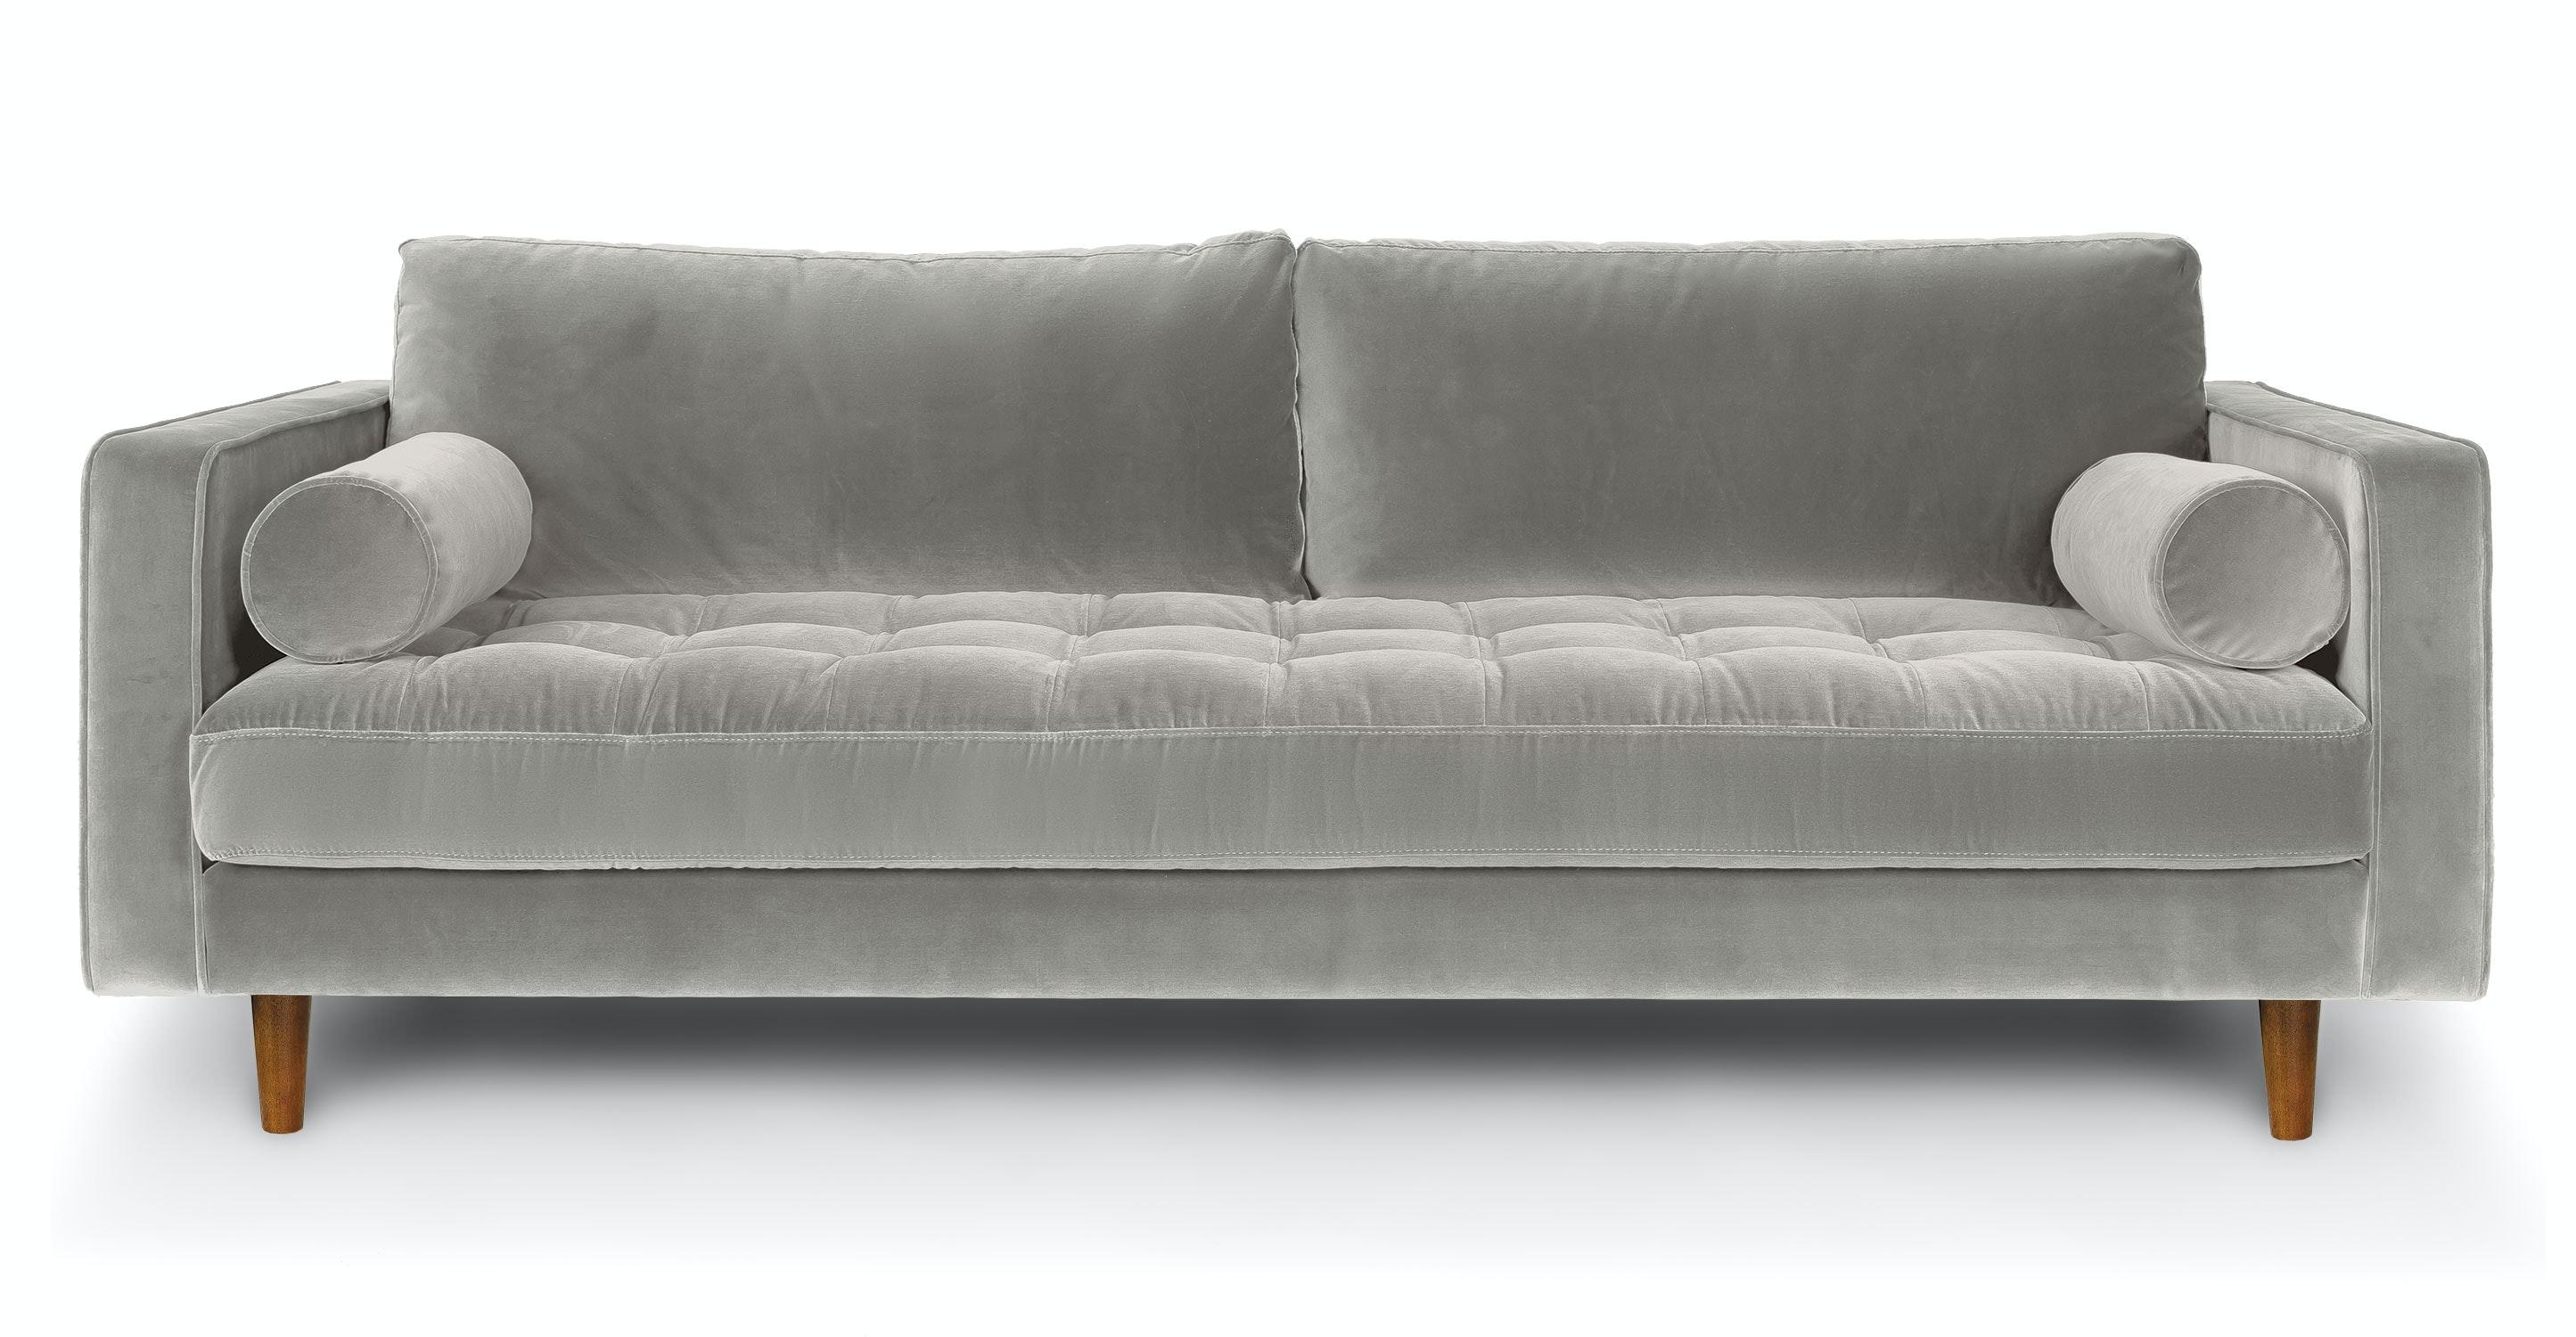 Green Velvet Sofa Australia Best 25 Velvet Sofa Ideas On Pinterest Interiors Velvet Couch And